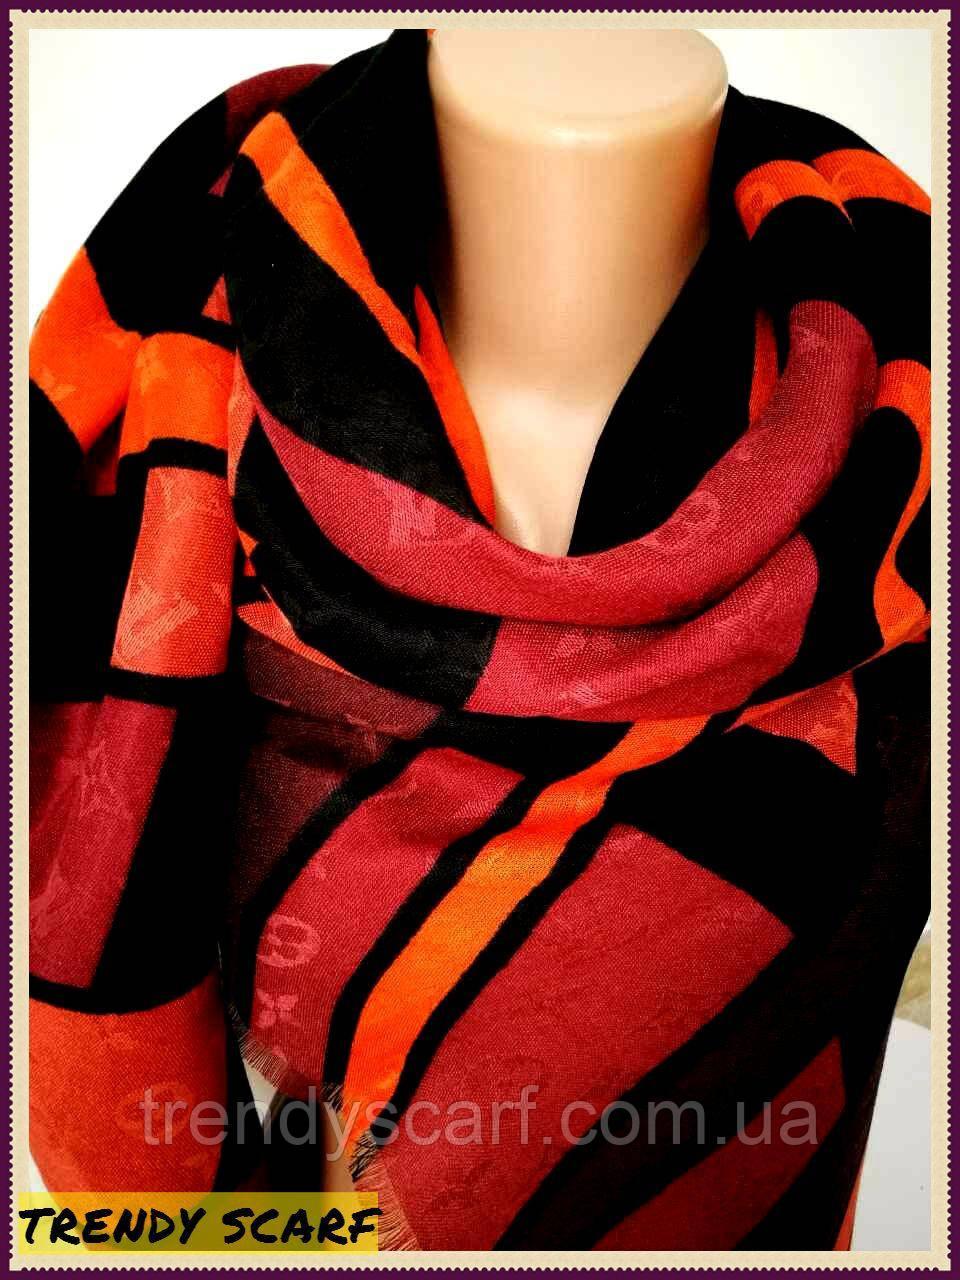 Женский Платок Louis Vuitton Луи Виттон бордовый оранжевый черный цветной полоска monogram реплика 140/150